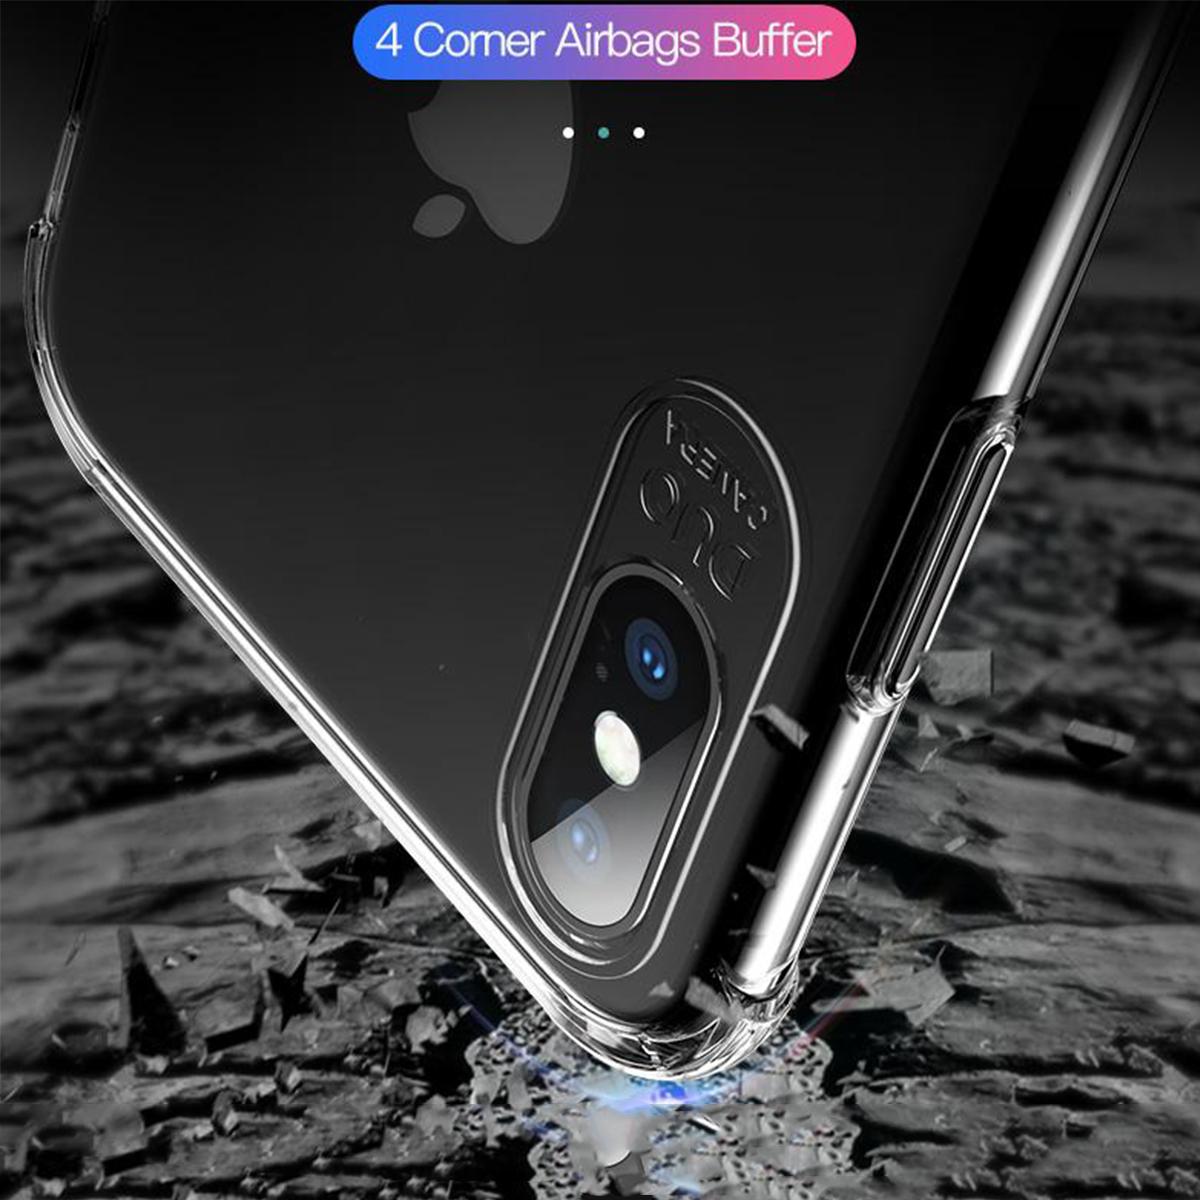 کاور لوکسار مدل UniPro-200 مناسب برای گوشی موبایل اپل iPhone X/Xs              ( قیمت و خرید)